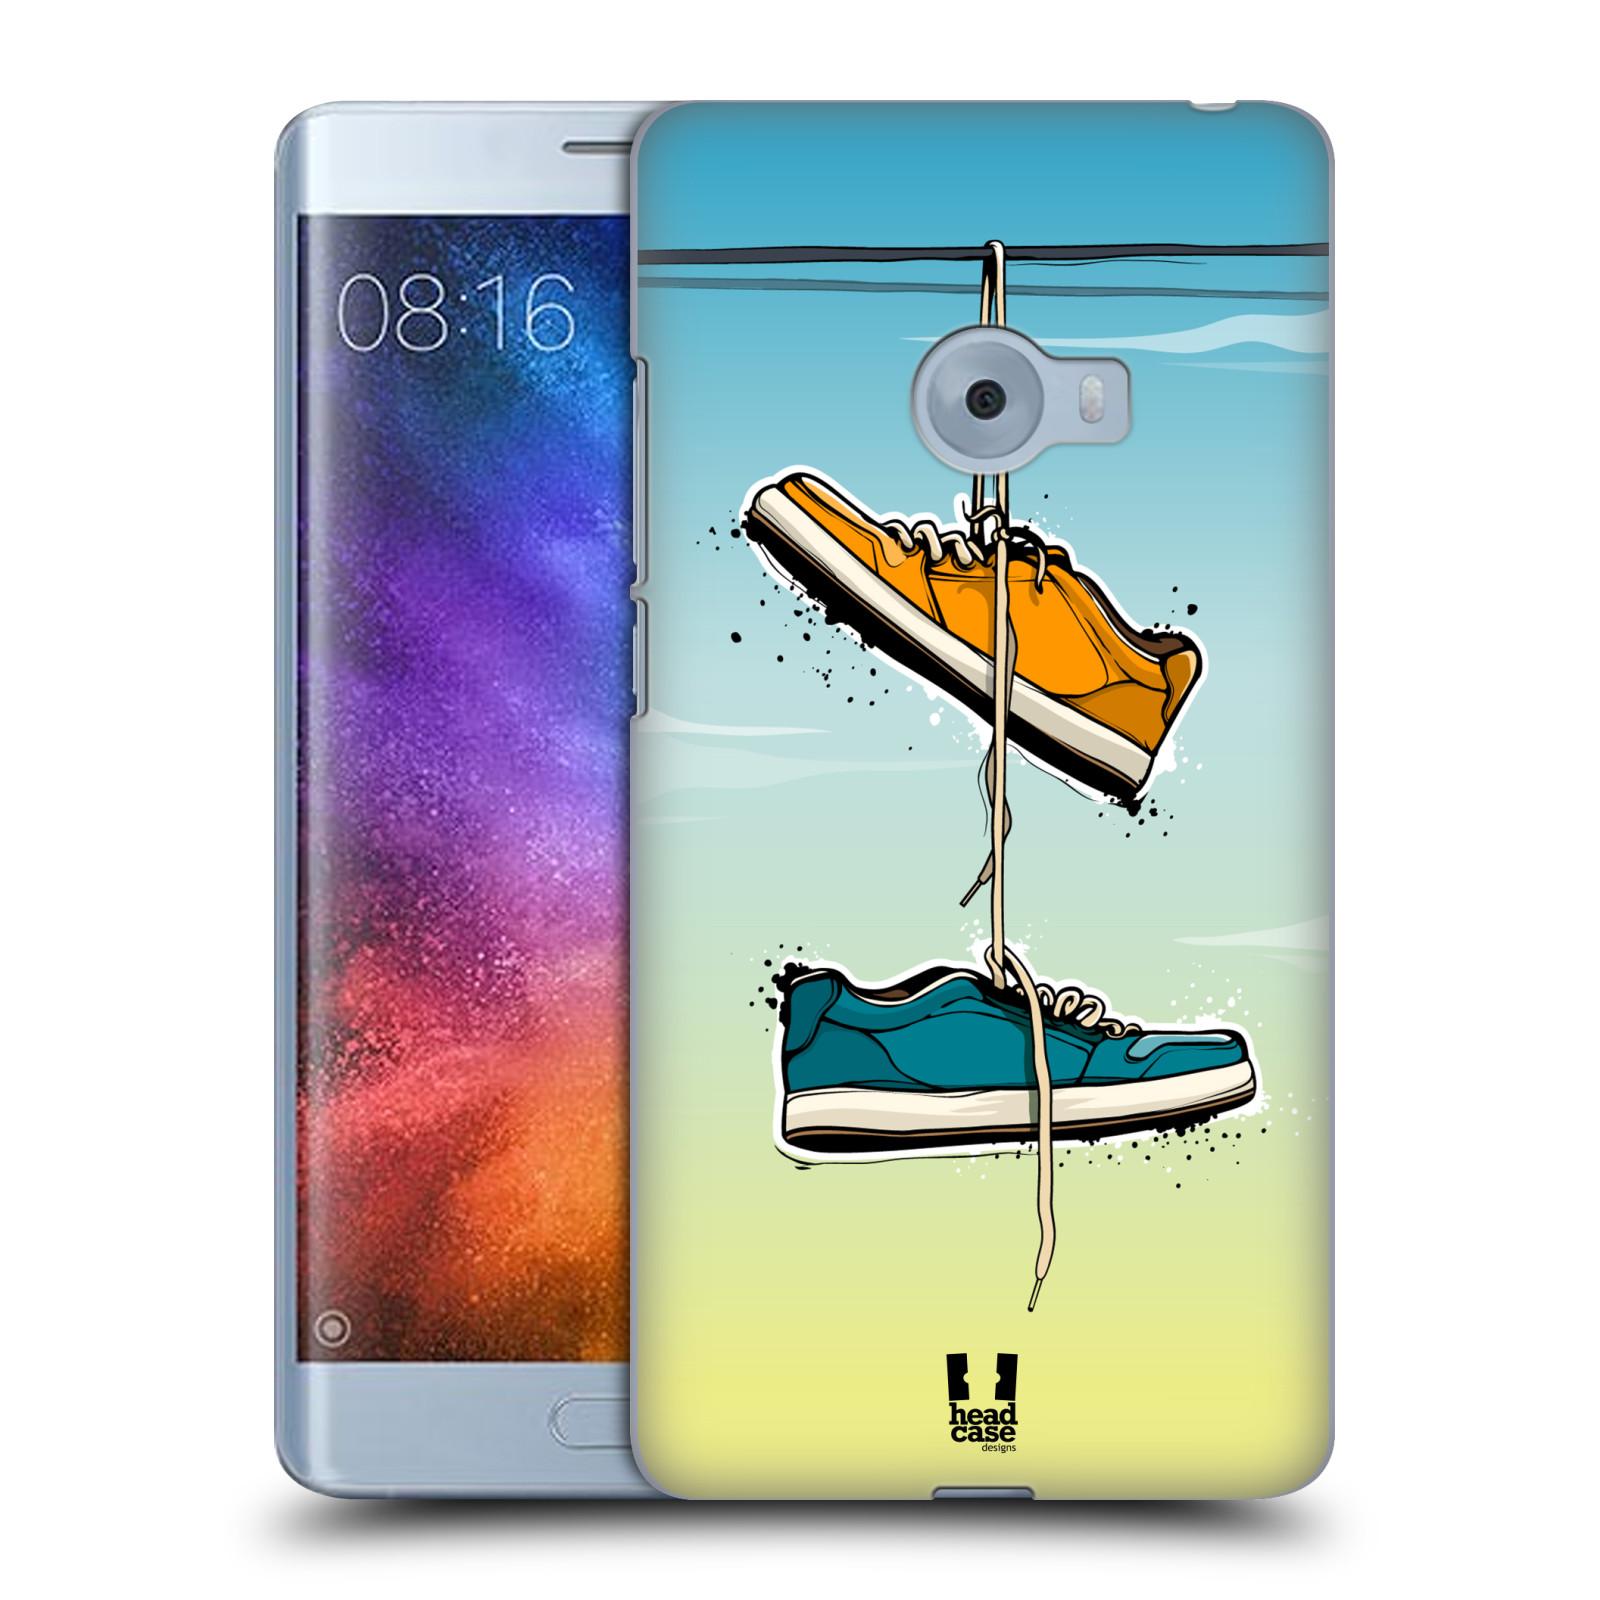 Funda HEAD CASE DESIGNS urbano Vibes Funda Rígida Posterior Para Xiaomi Mi Note 2